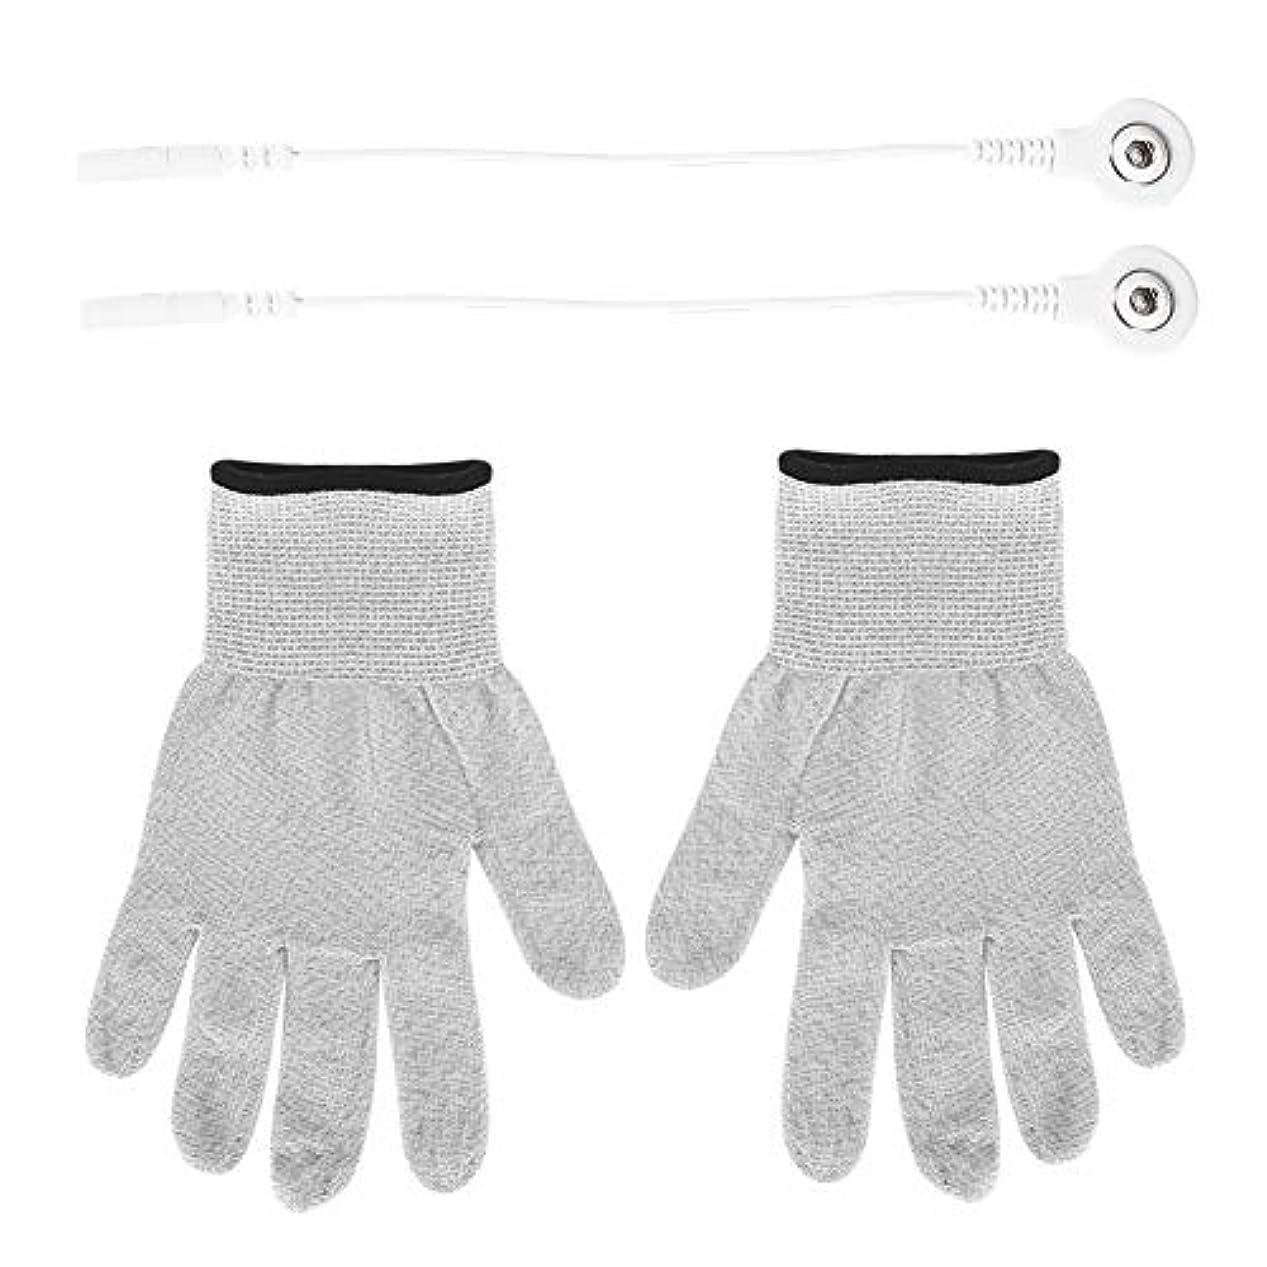 便利適合するアイデア電極手袋、1対の導電性繊維電極手袋、アダプター電極付き電気ショックファイバー用リード線